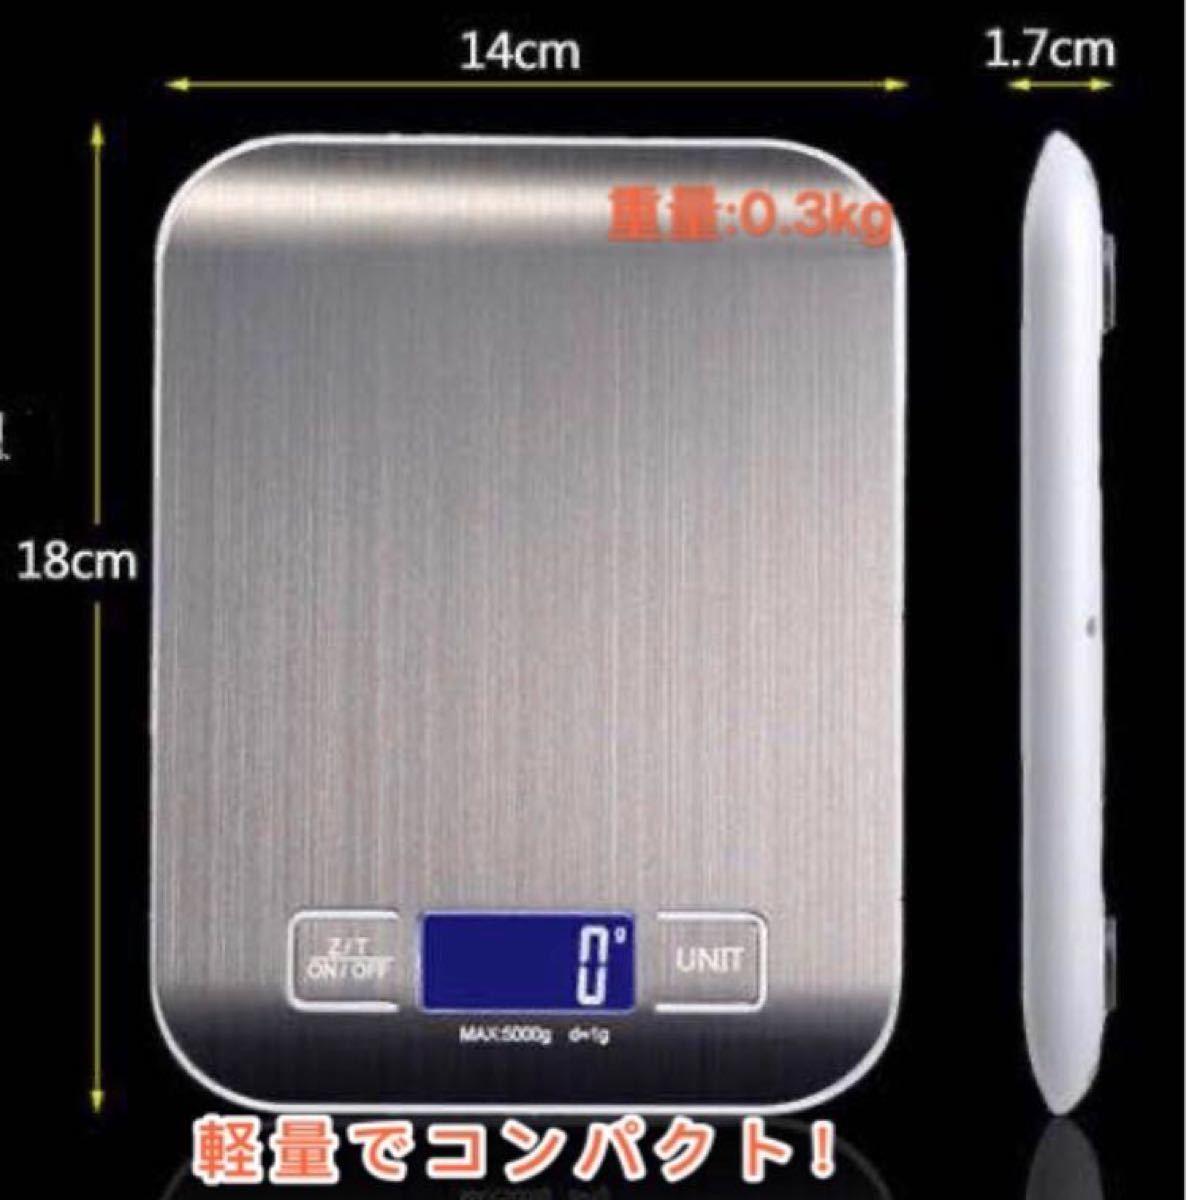 デジタルスケール キッチンクッキングスケール はかりお菓子郵便計量器電子秤5kg